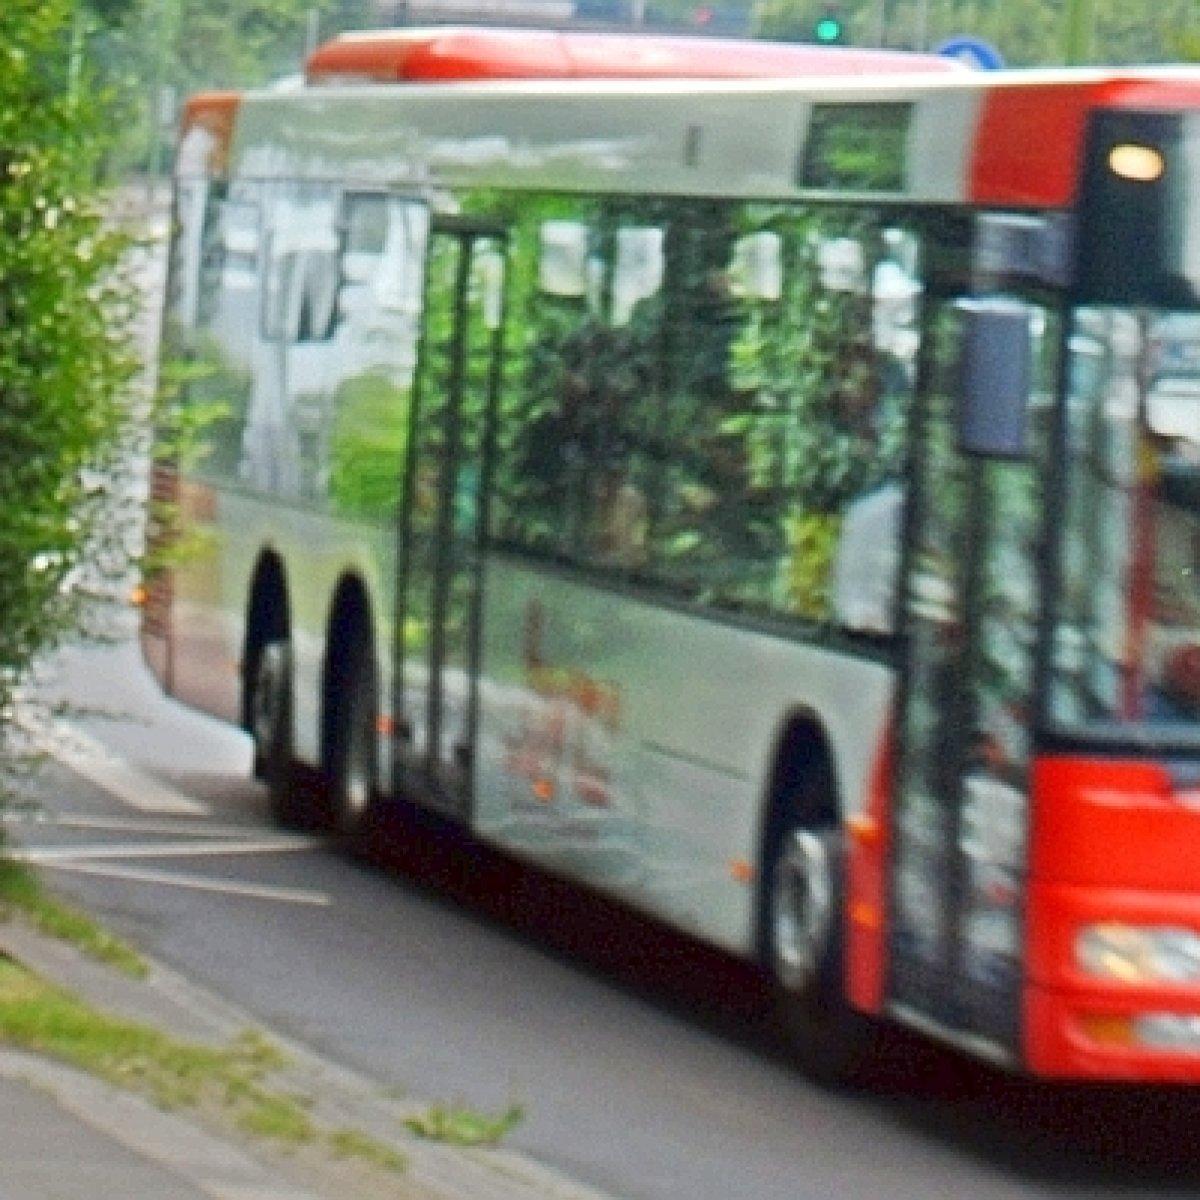 Bus wegen verspätung schule entschuldigung Diese Rechte